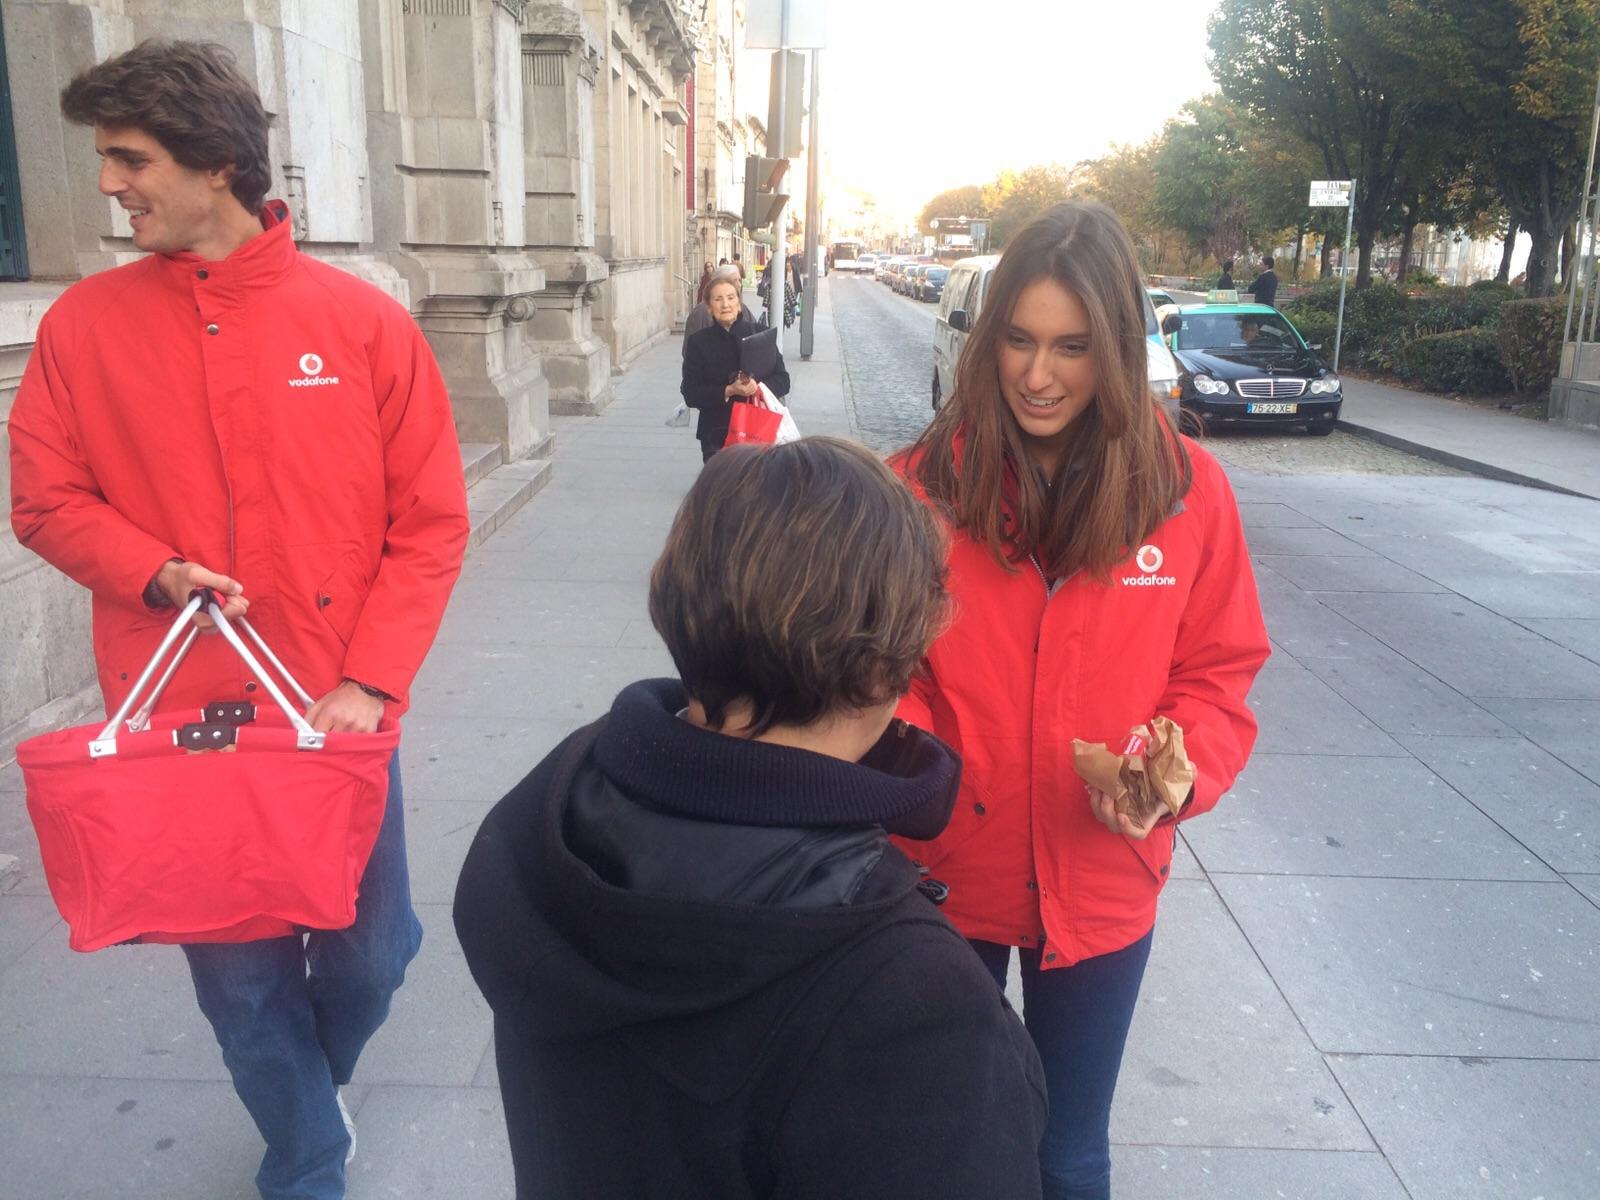 Vodafone-Momentos_Oferta-pao-com-chouricho